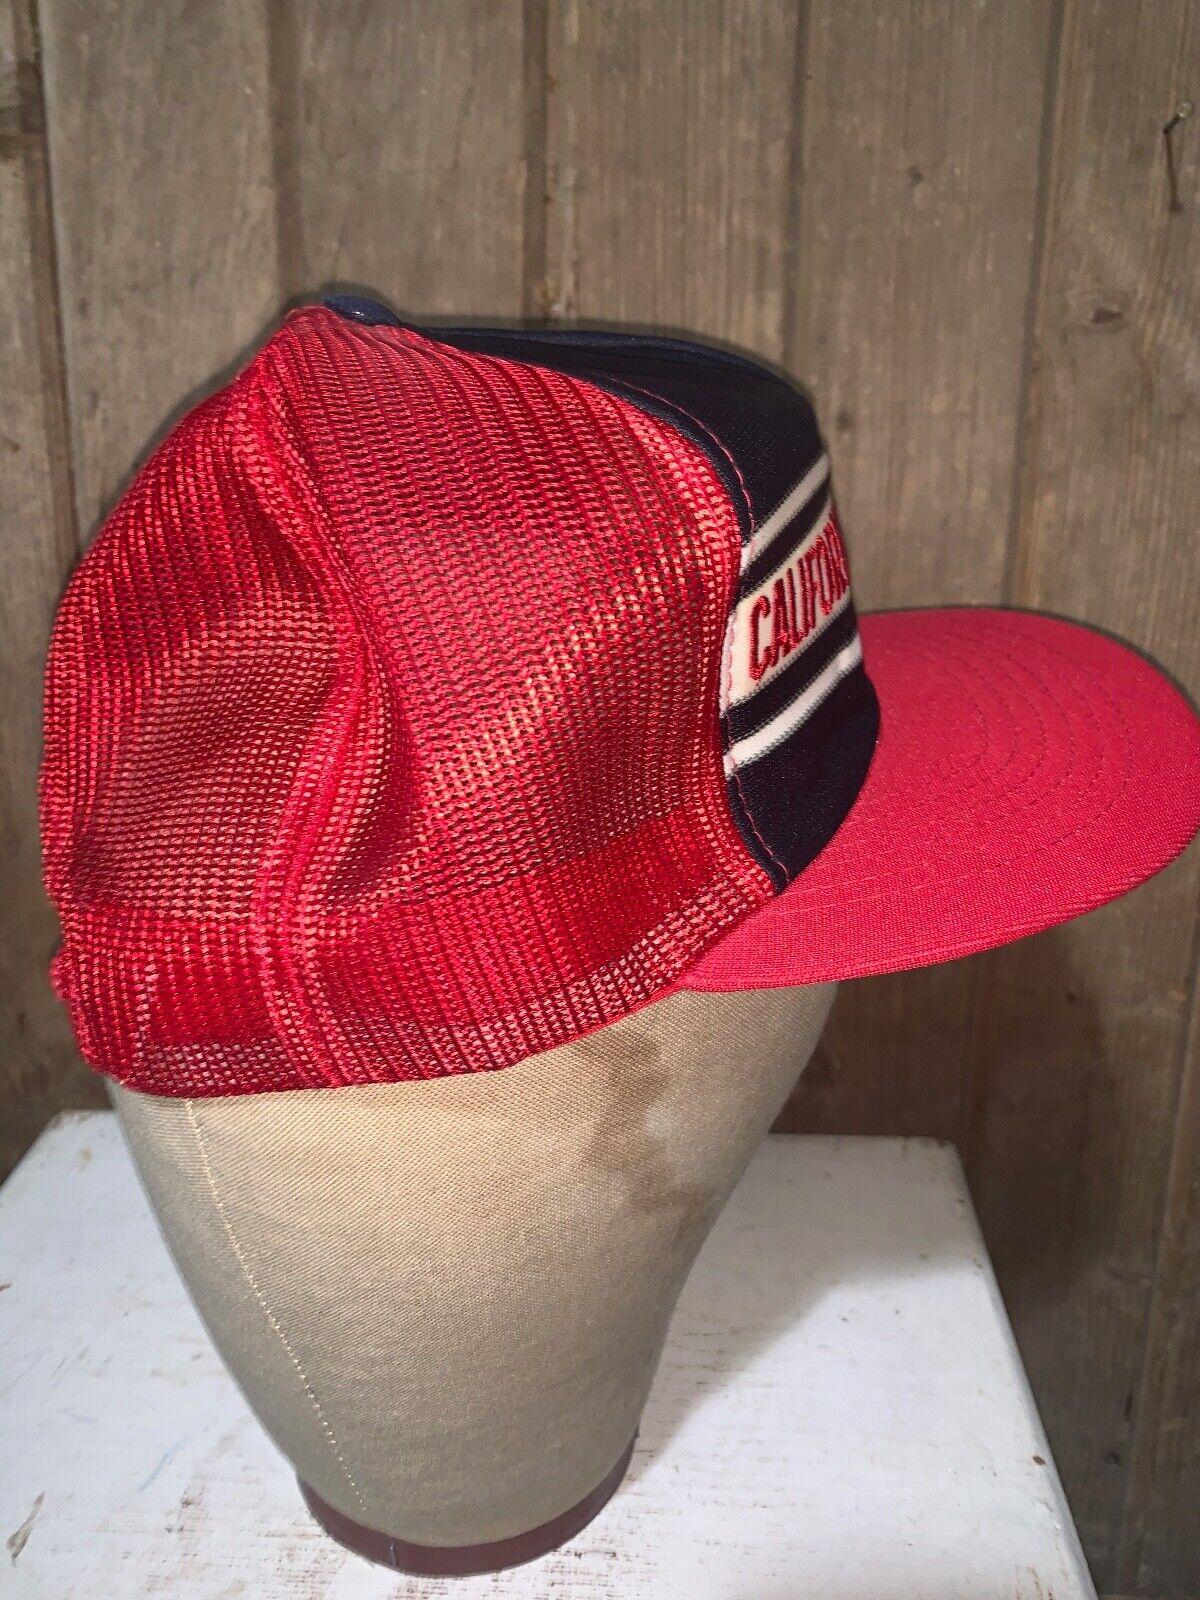 VINTAGE 80s Rare California Angels Red MLB Baseba… - image 6